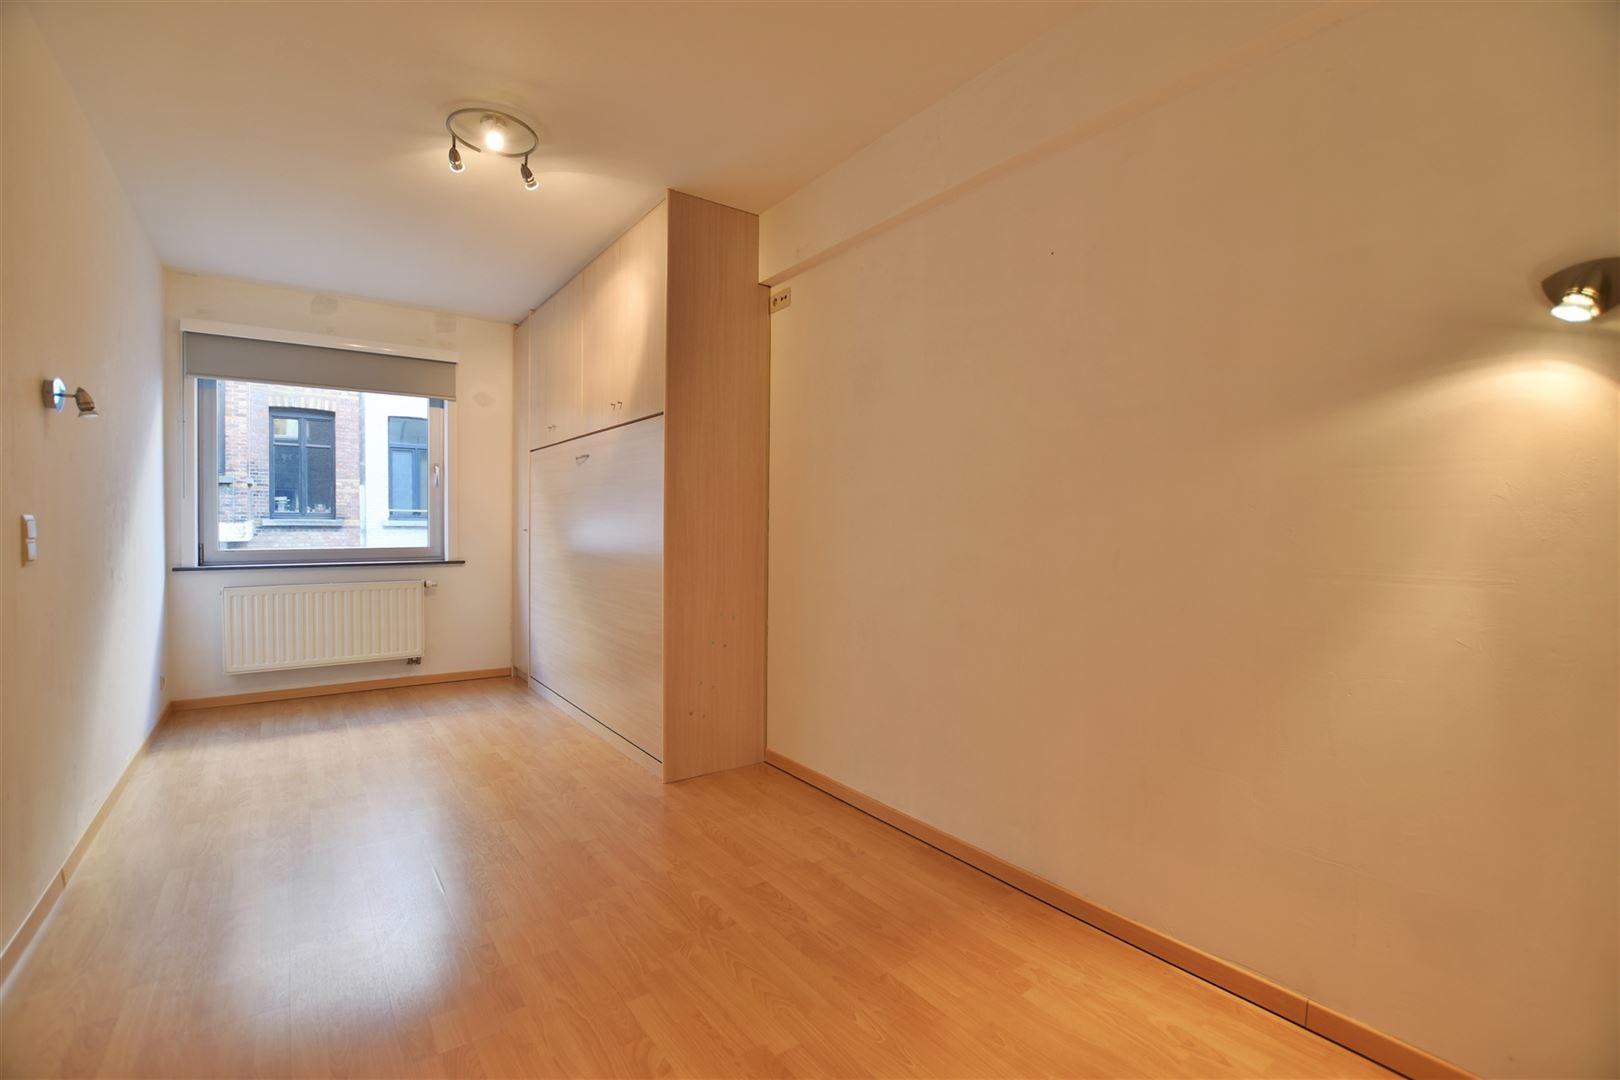 Foto 12 : Appartement te 8400 OOSTENDE (België) - Prijs € 299.000